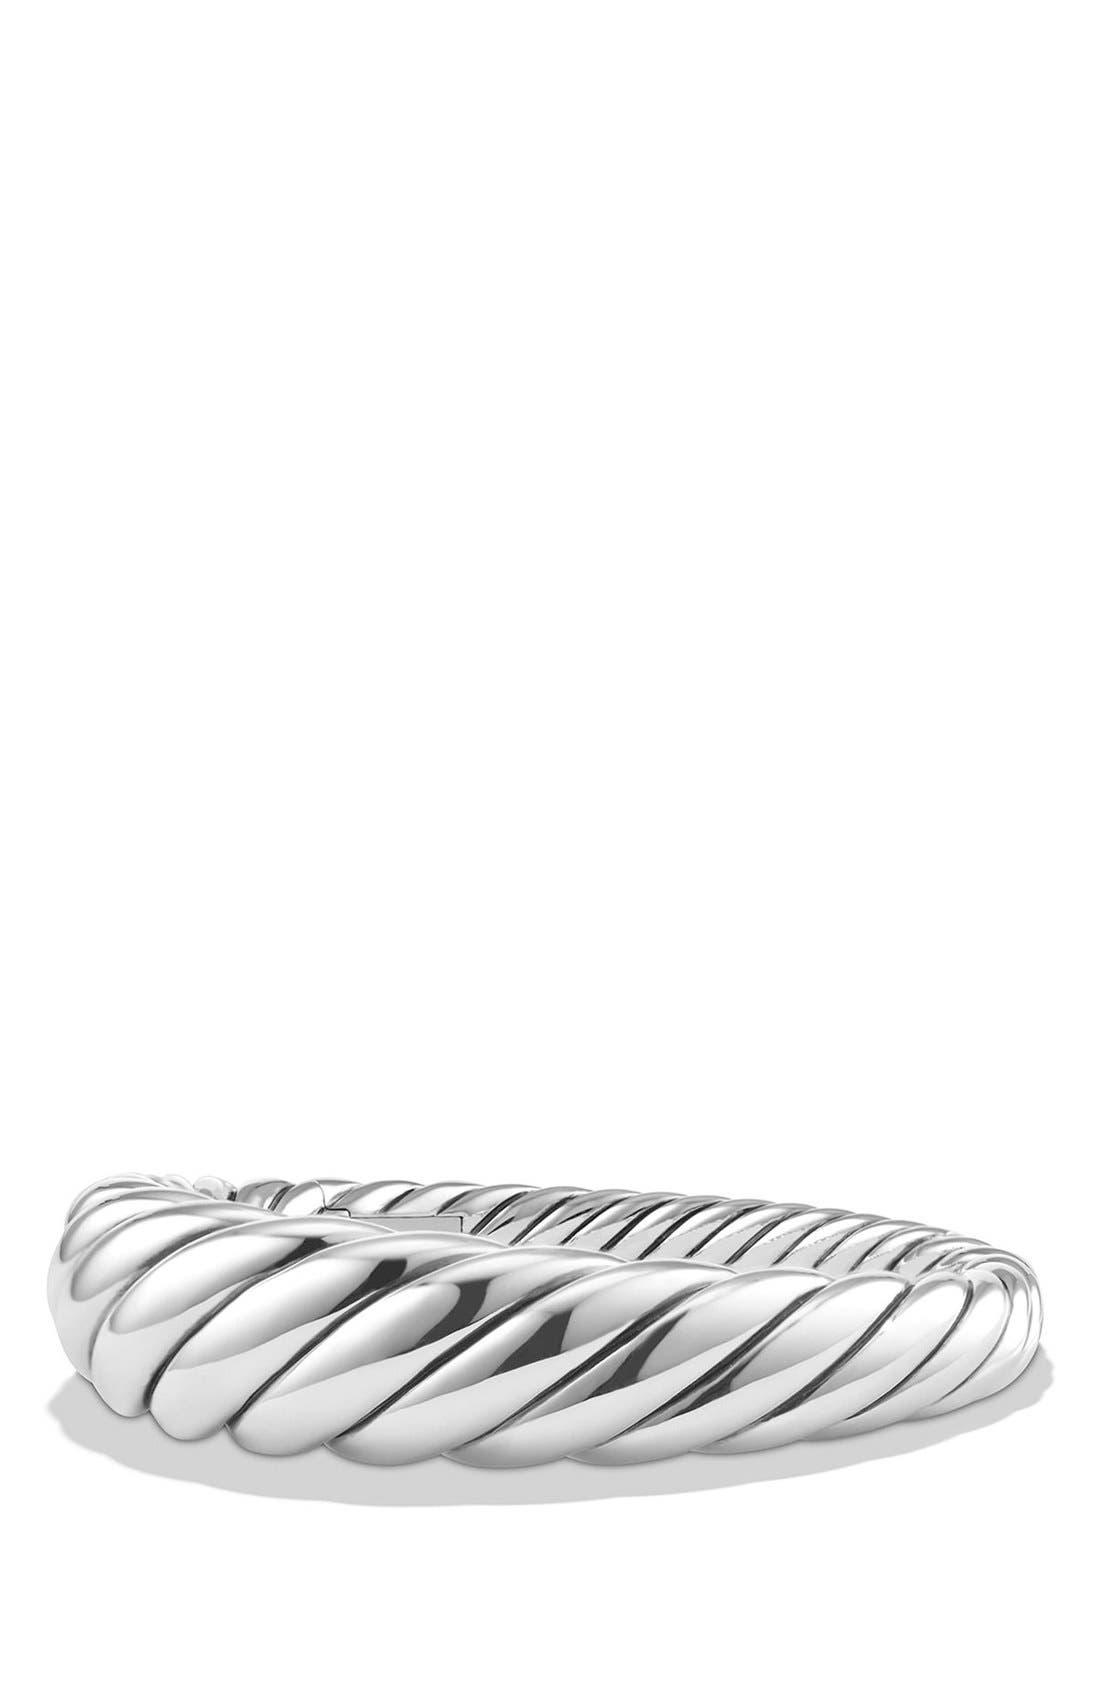 'Pure Form' Cable Bracelet,                             Main thumbnail 1, color,                             SILVER